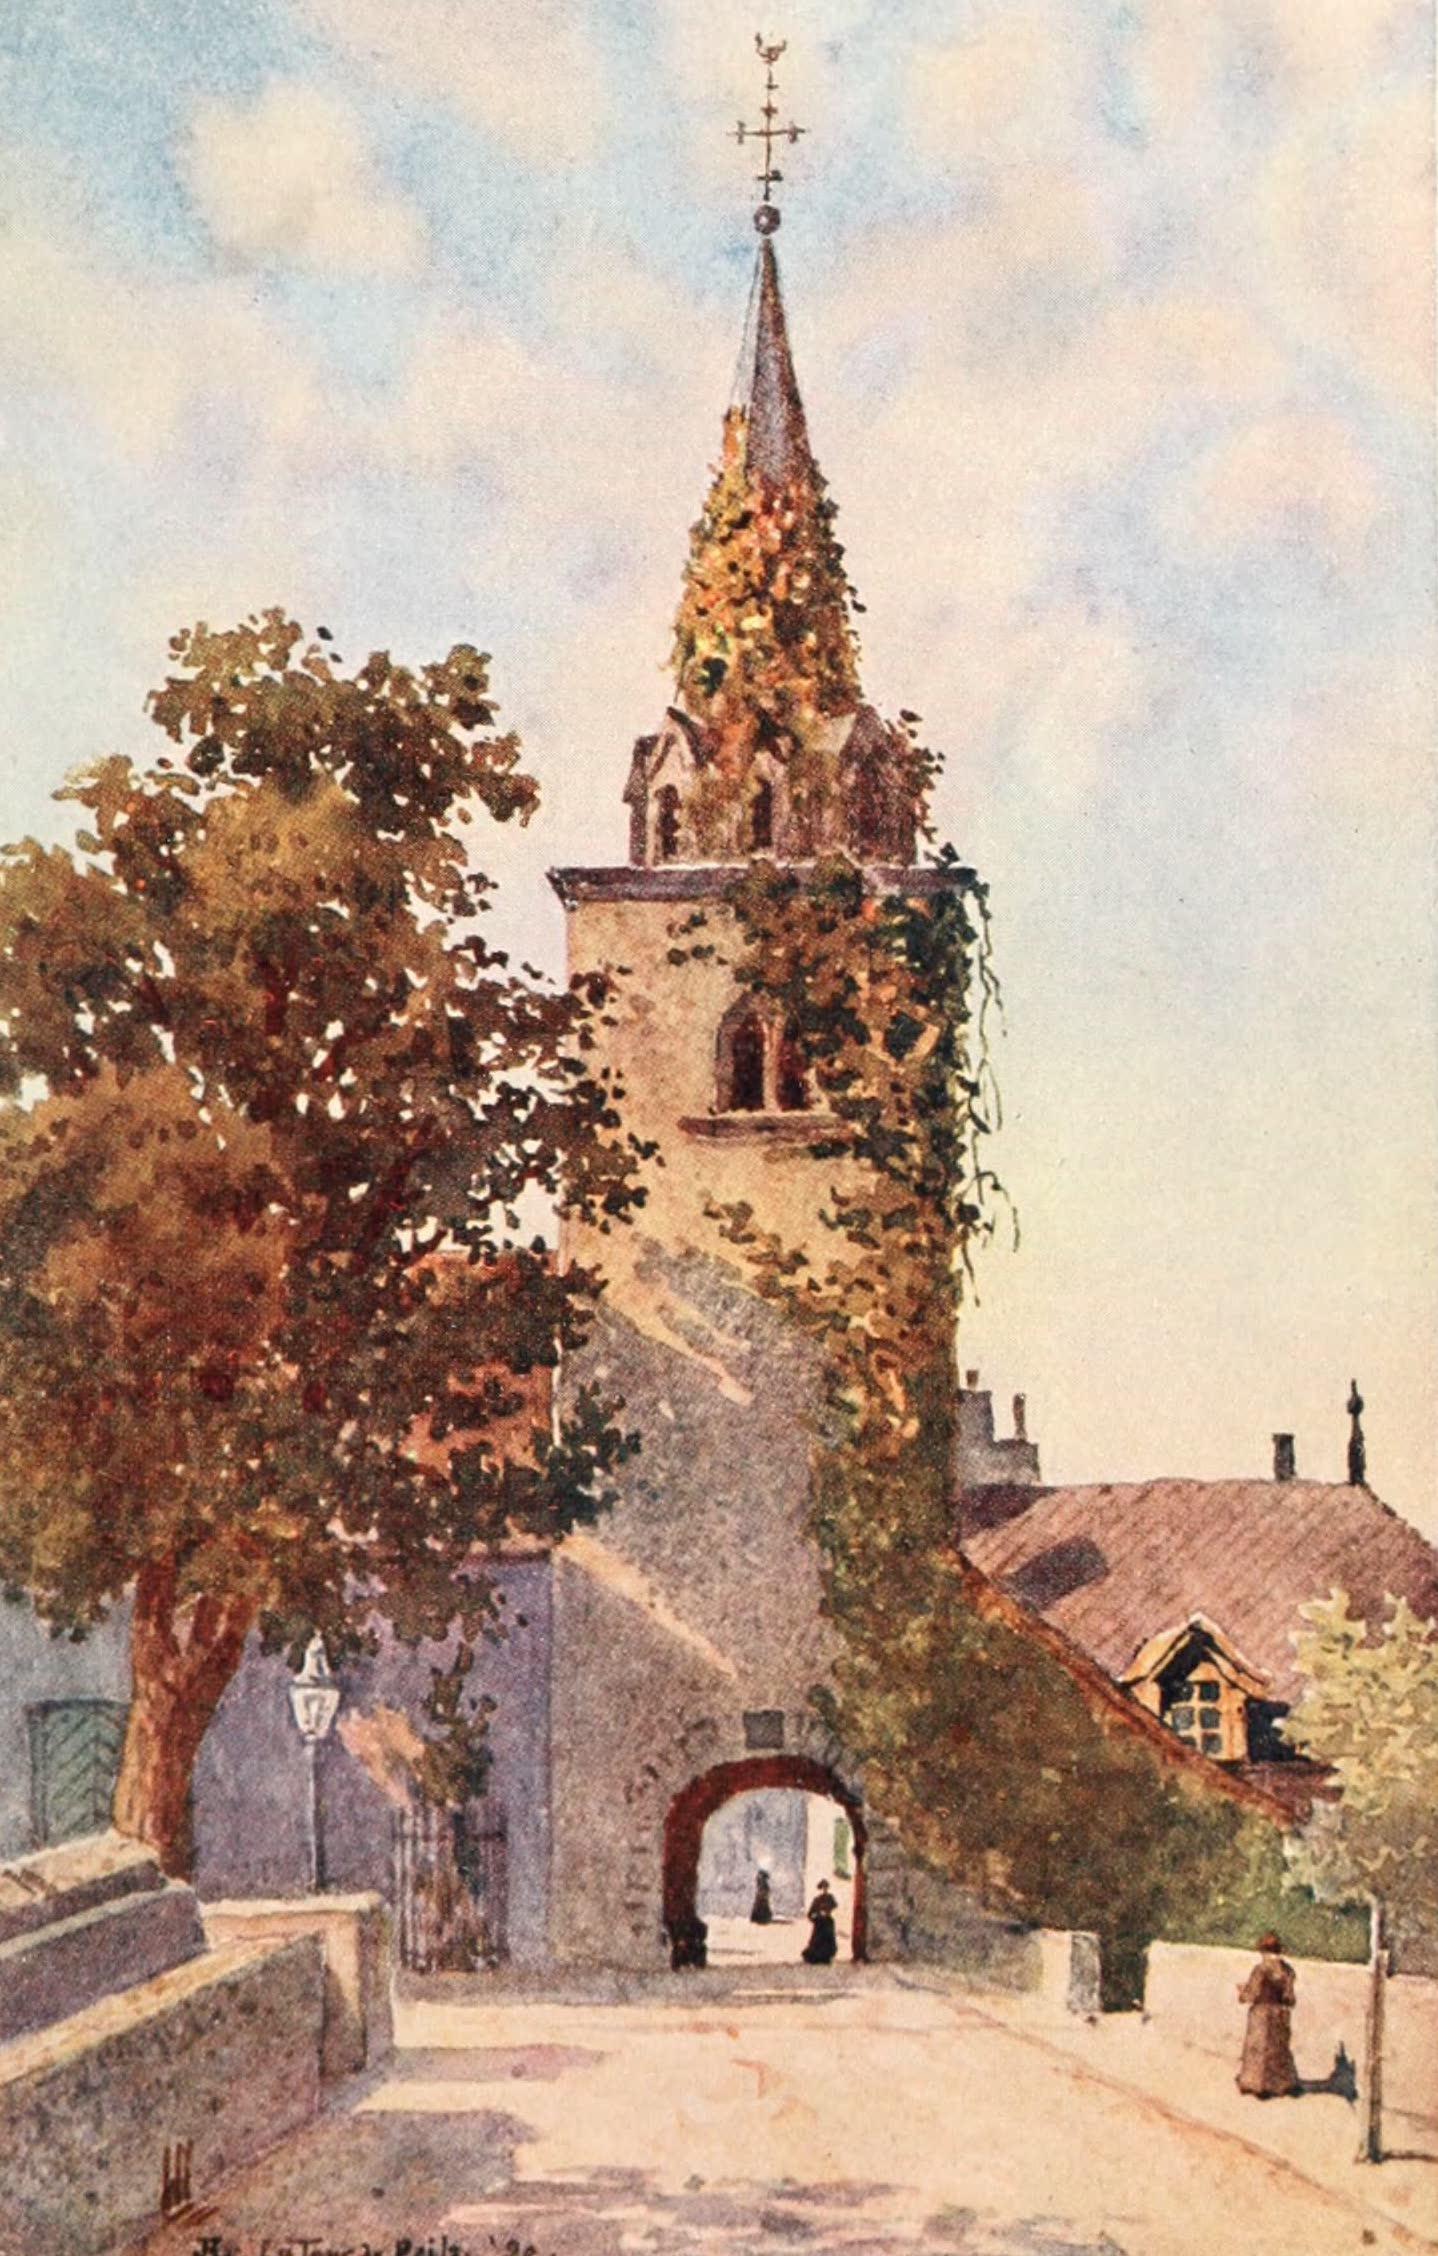 Montreux, Painted and Described - The Old Church at La Tour de Peilz (1908)